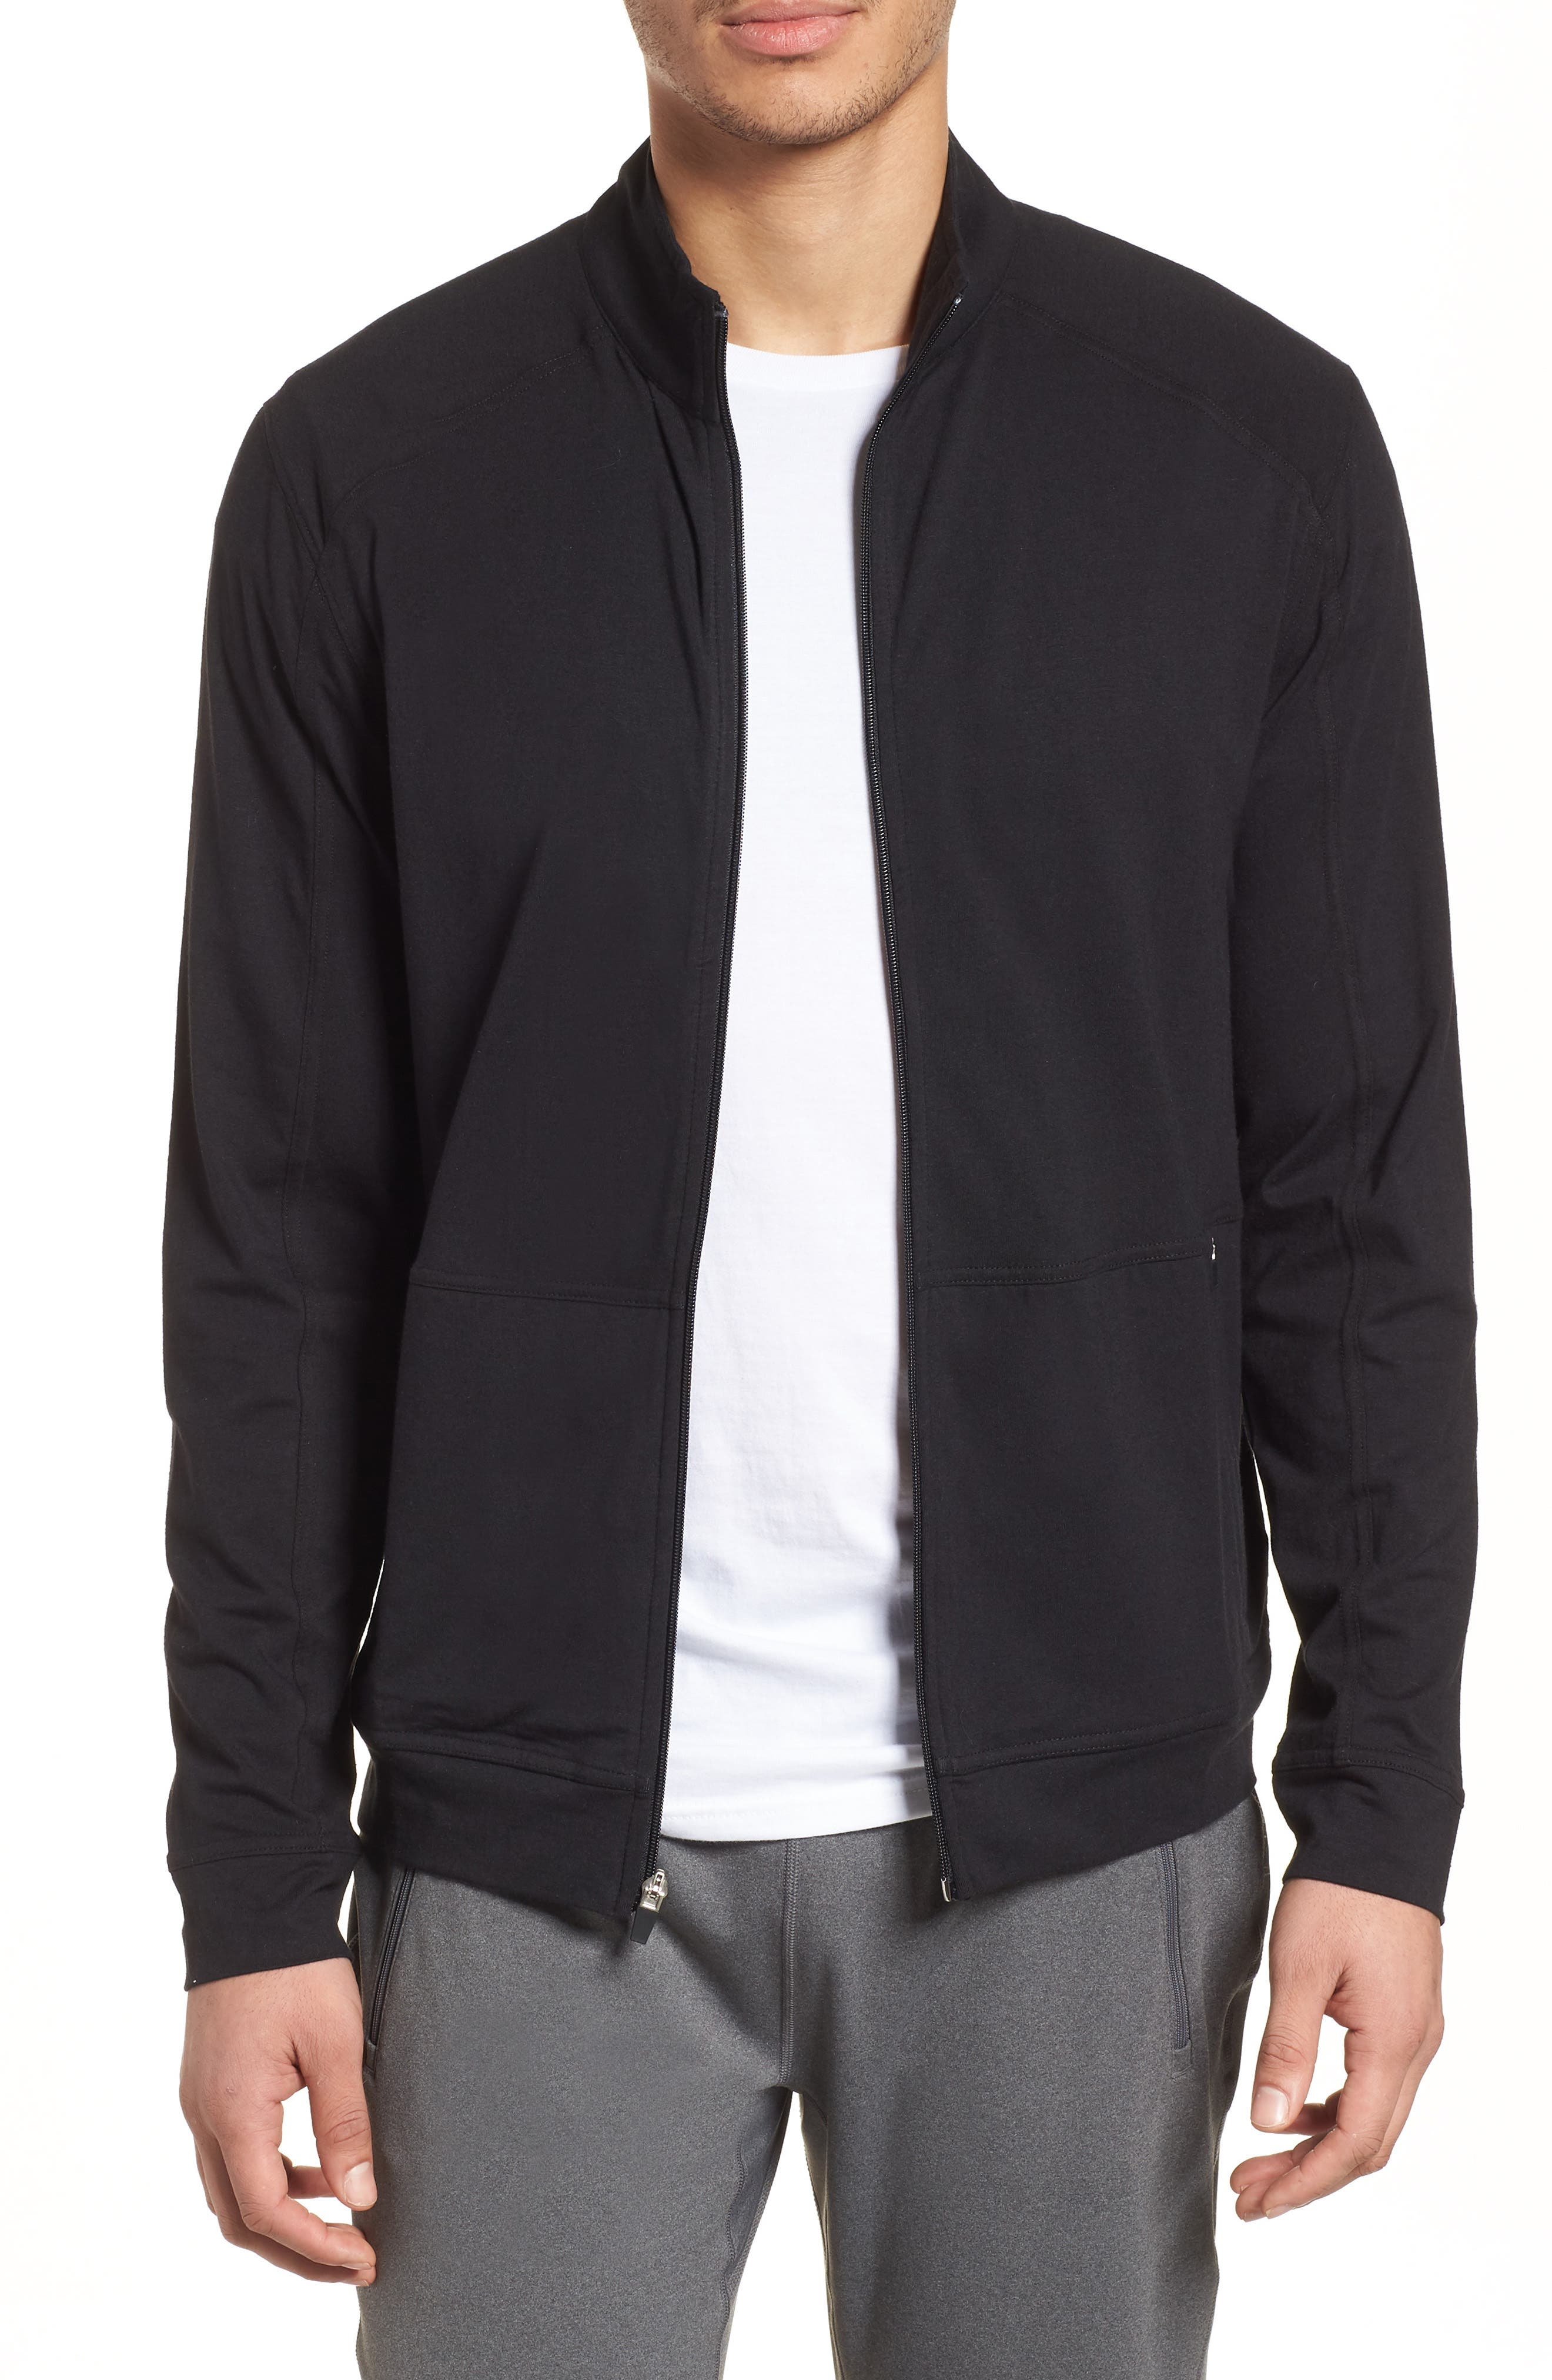 tasc Performance Carrollton Zip Jacket